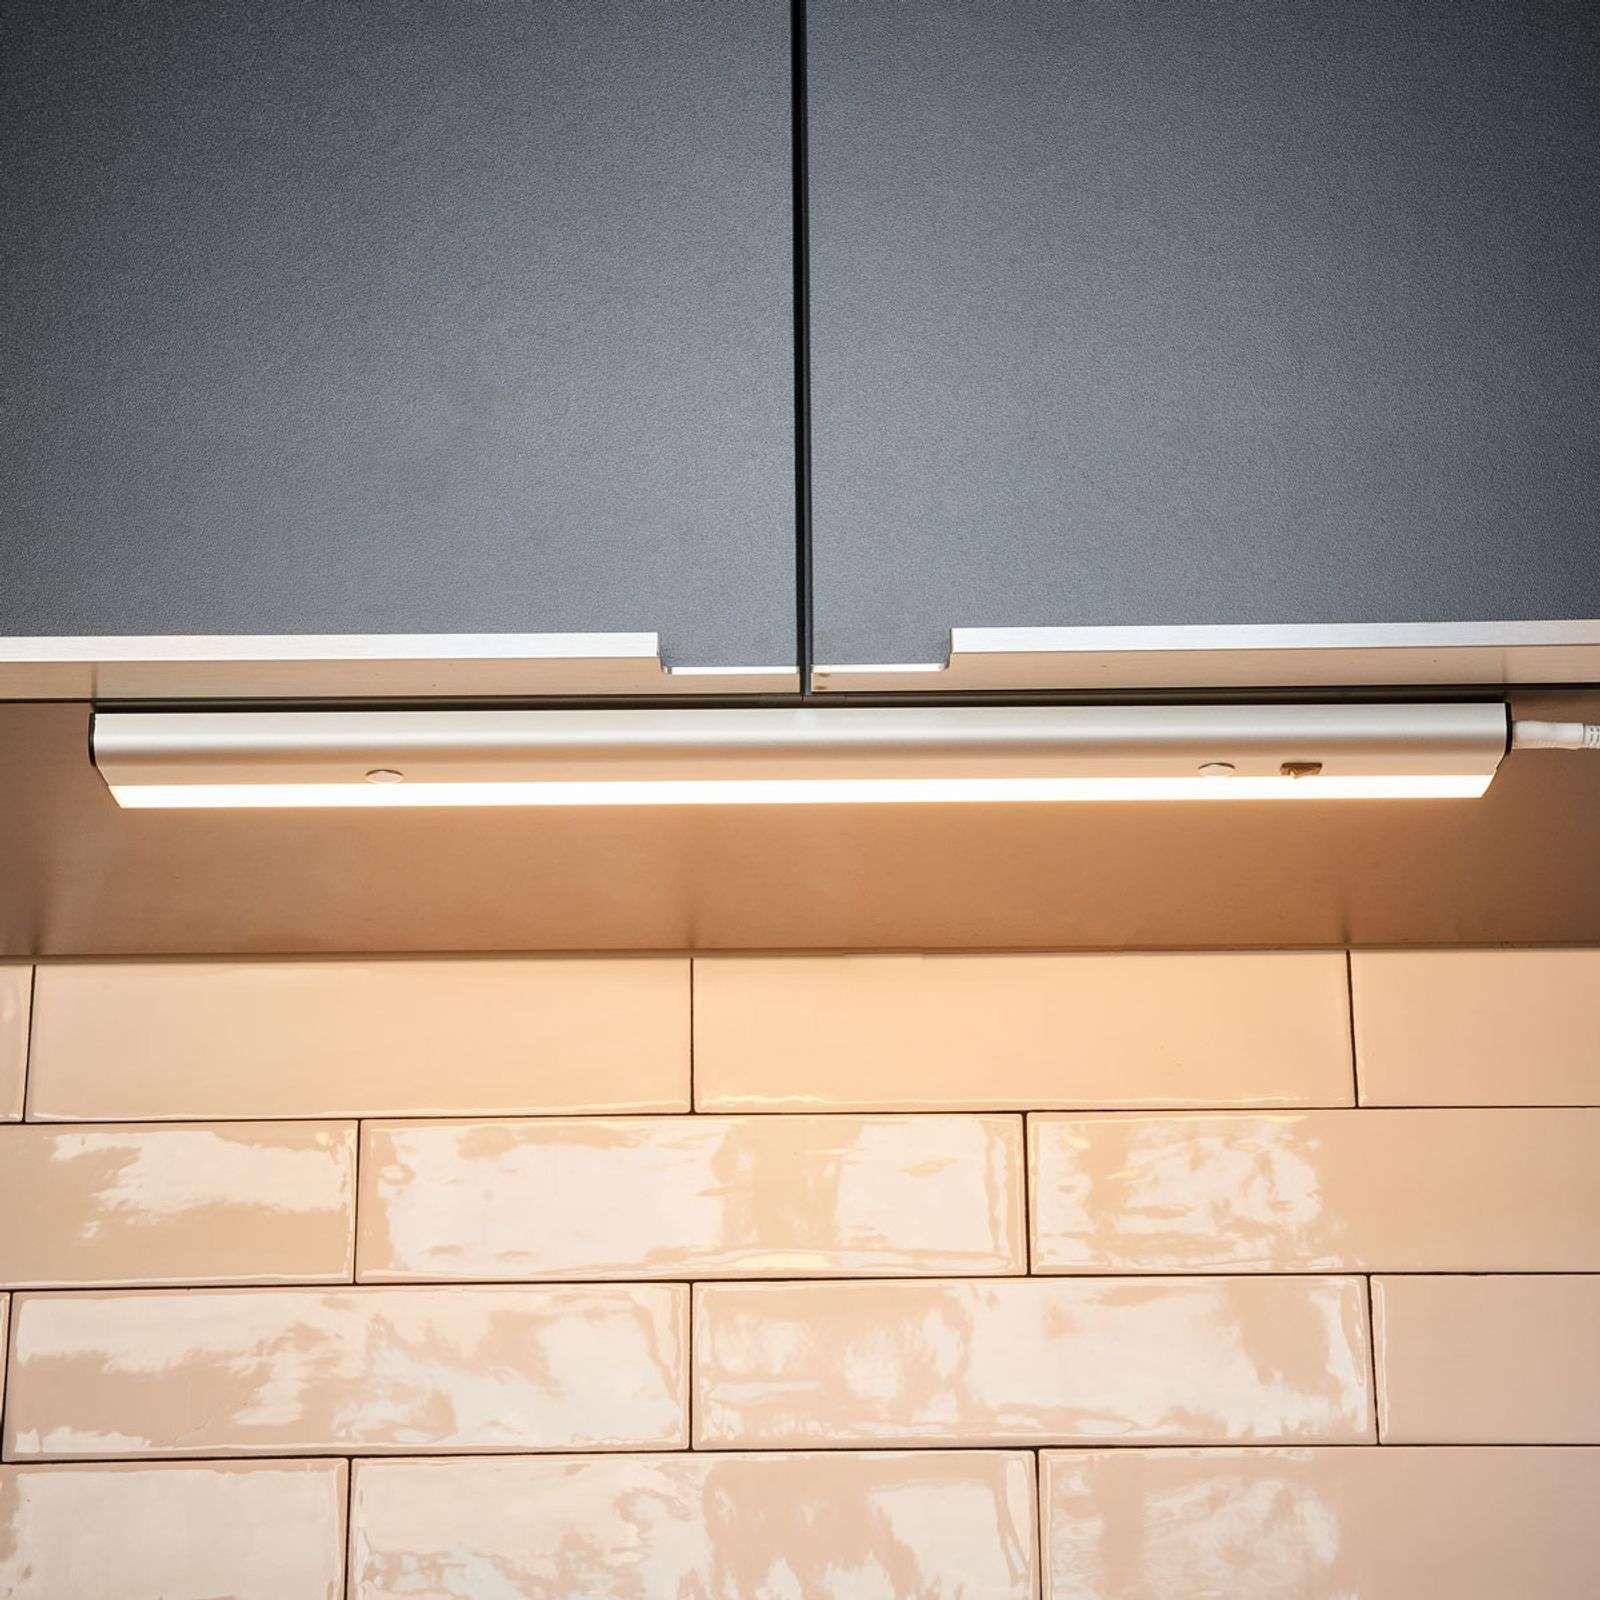 Eclairage Sous Meuble Cuisine Sans Interrupteur lampe sous meuble led devin avec interrupteur de lindby